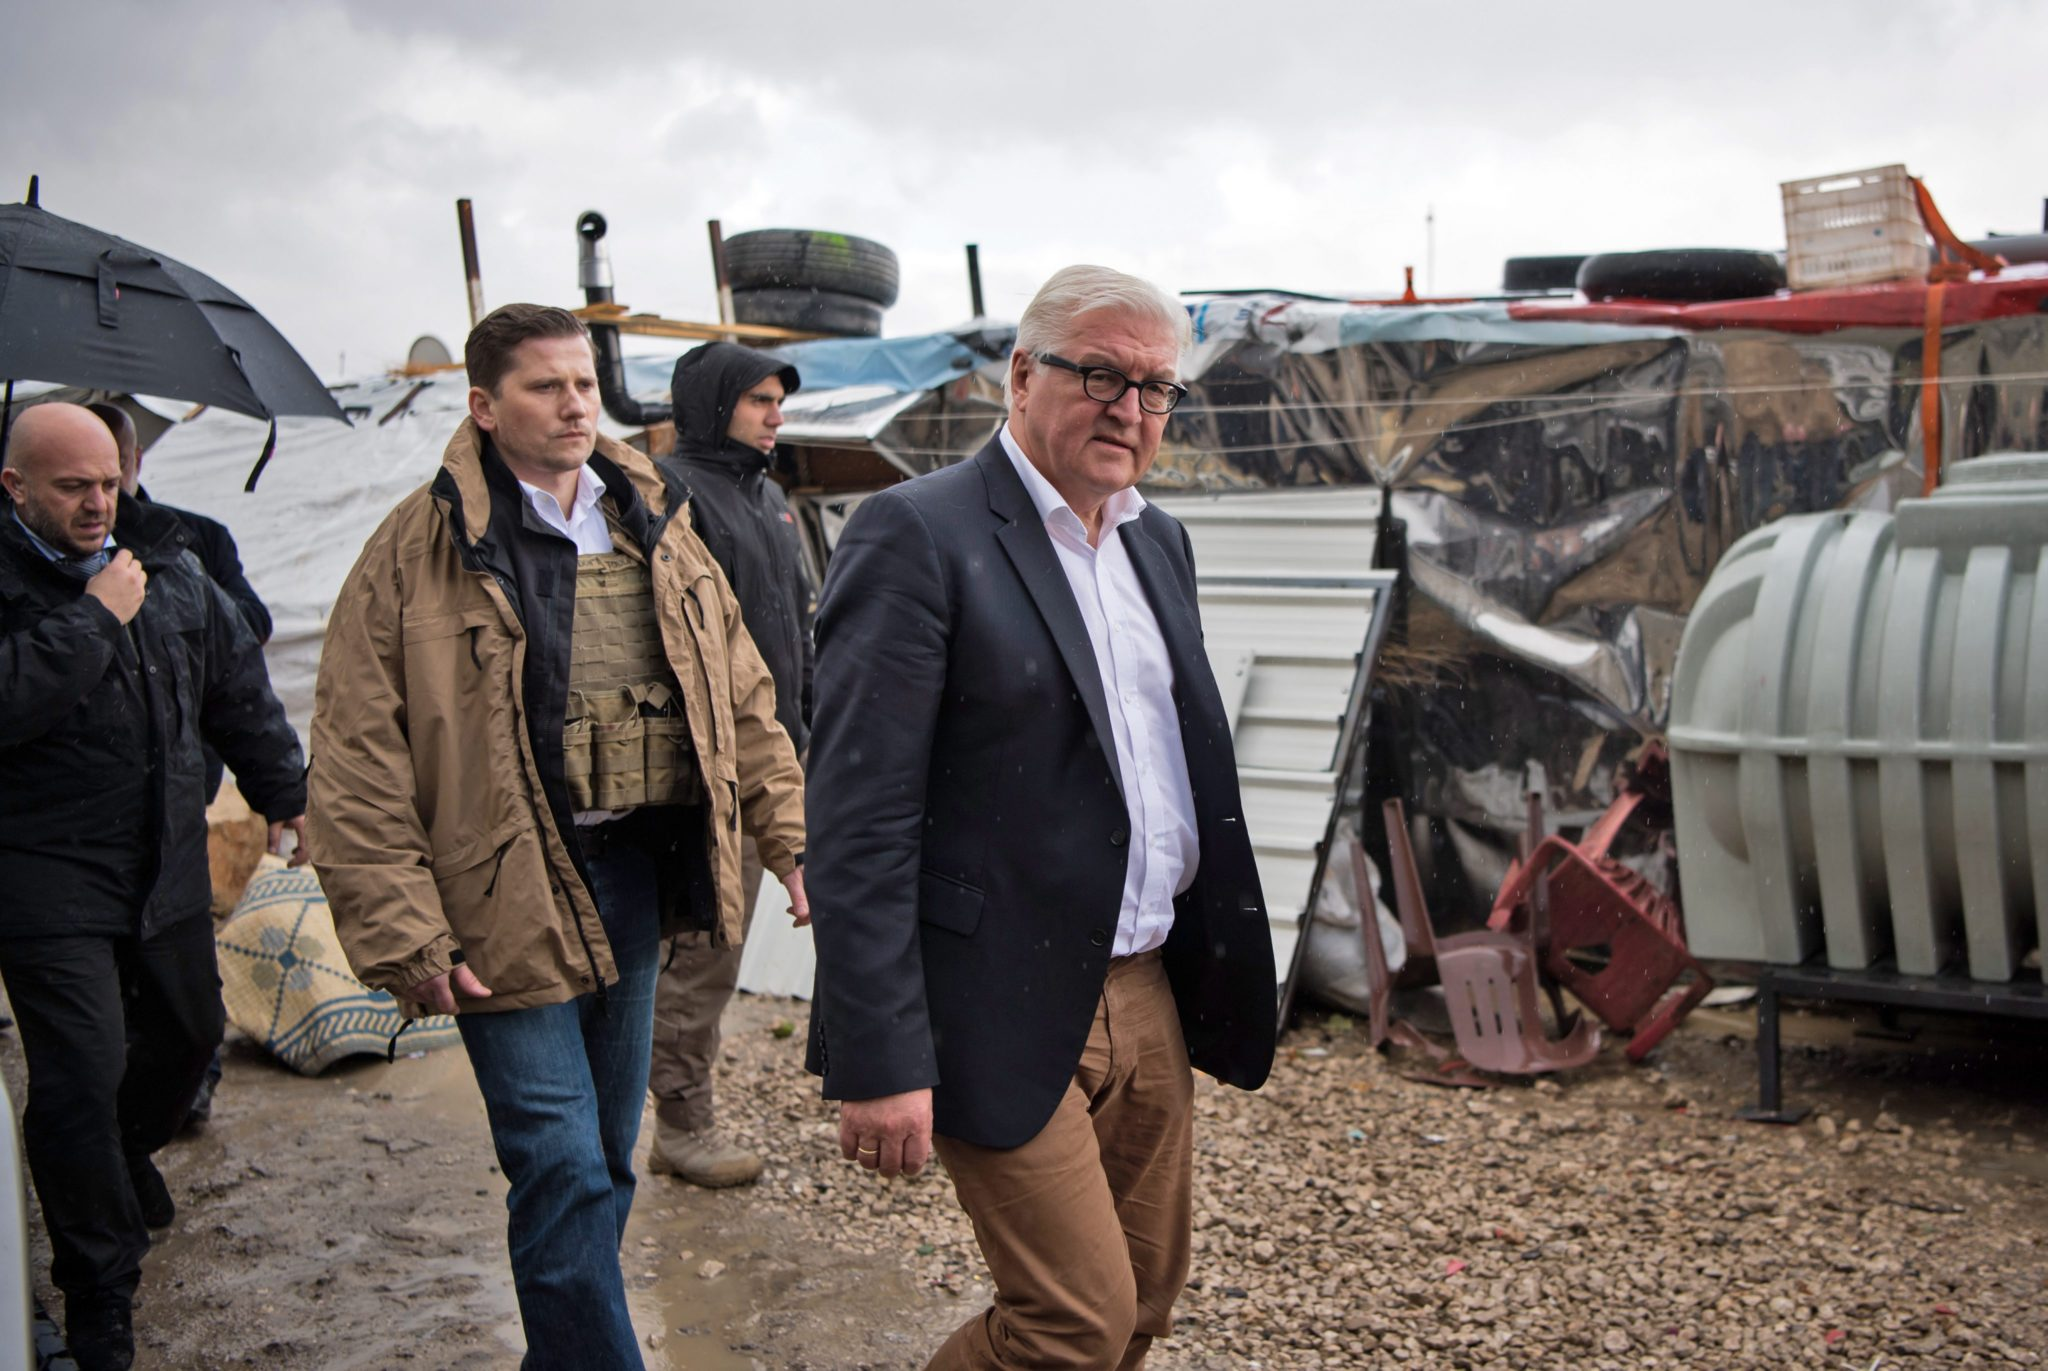 Liban: wizyta niemieckiego ministra Franka Waltera Steinmeiera w obozie dla uchodźców w Zahle (foto. PAP/EPA/Bernd von Jutrczenka)